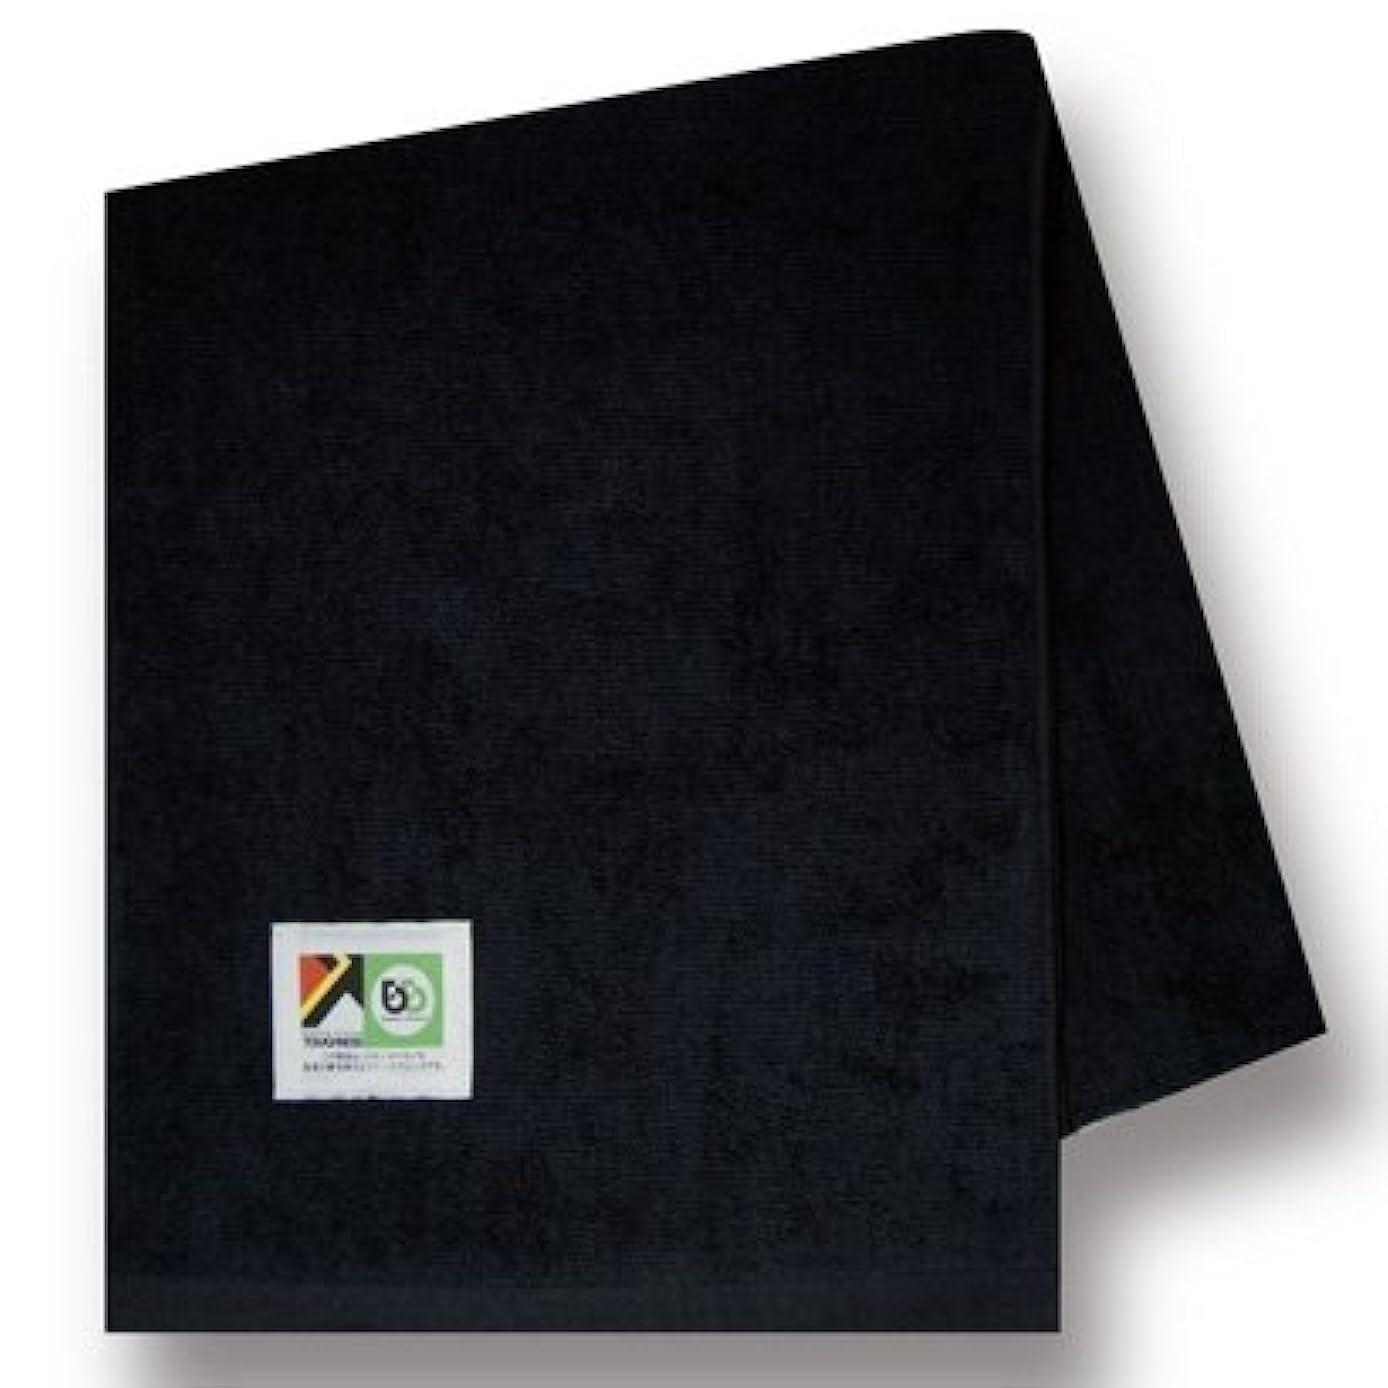 圧縮する製品石膏BreezeBronze(ブリーズブロンズ) ワークタオル ブラック T-4-BK